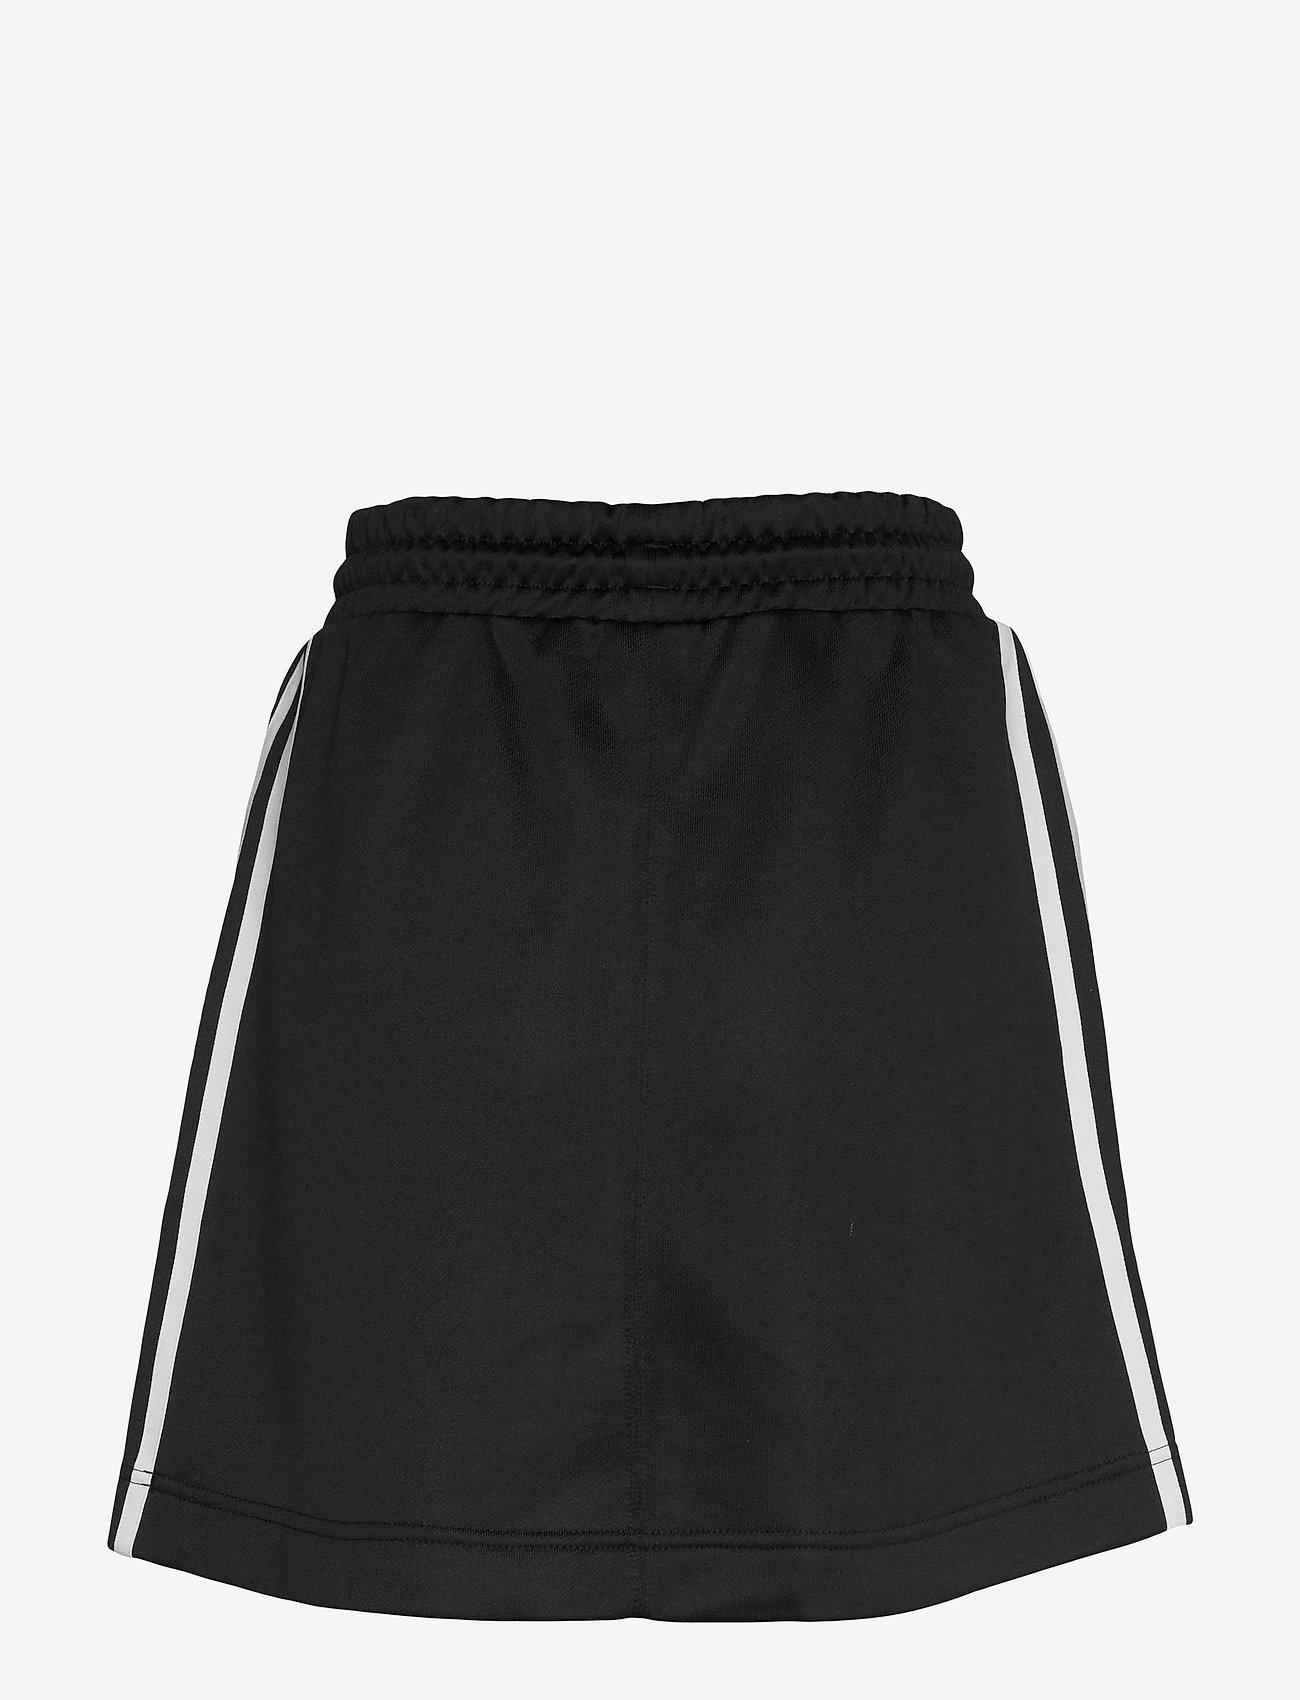 adidas Originals - SKIRT - treningsskjørt - black - 1